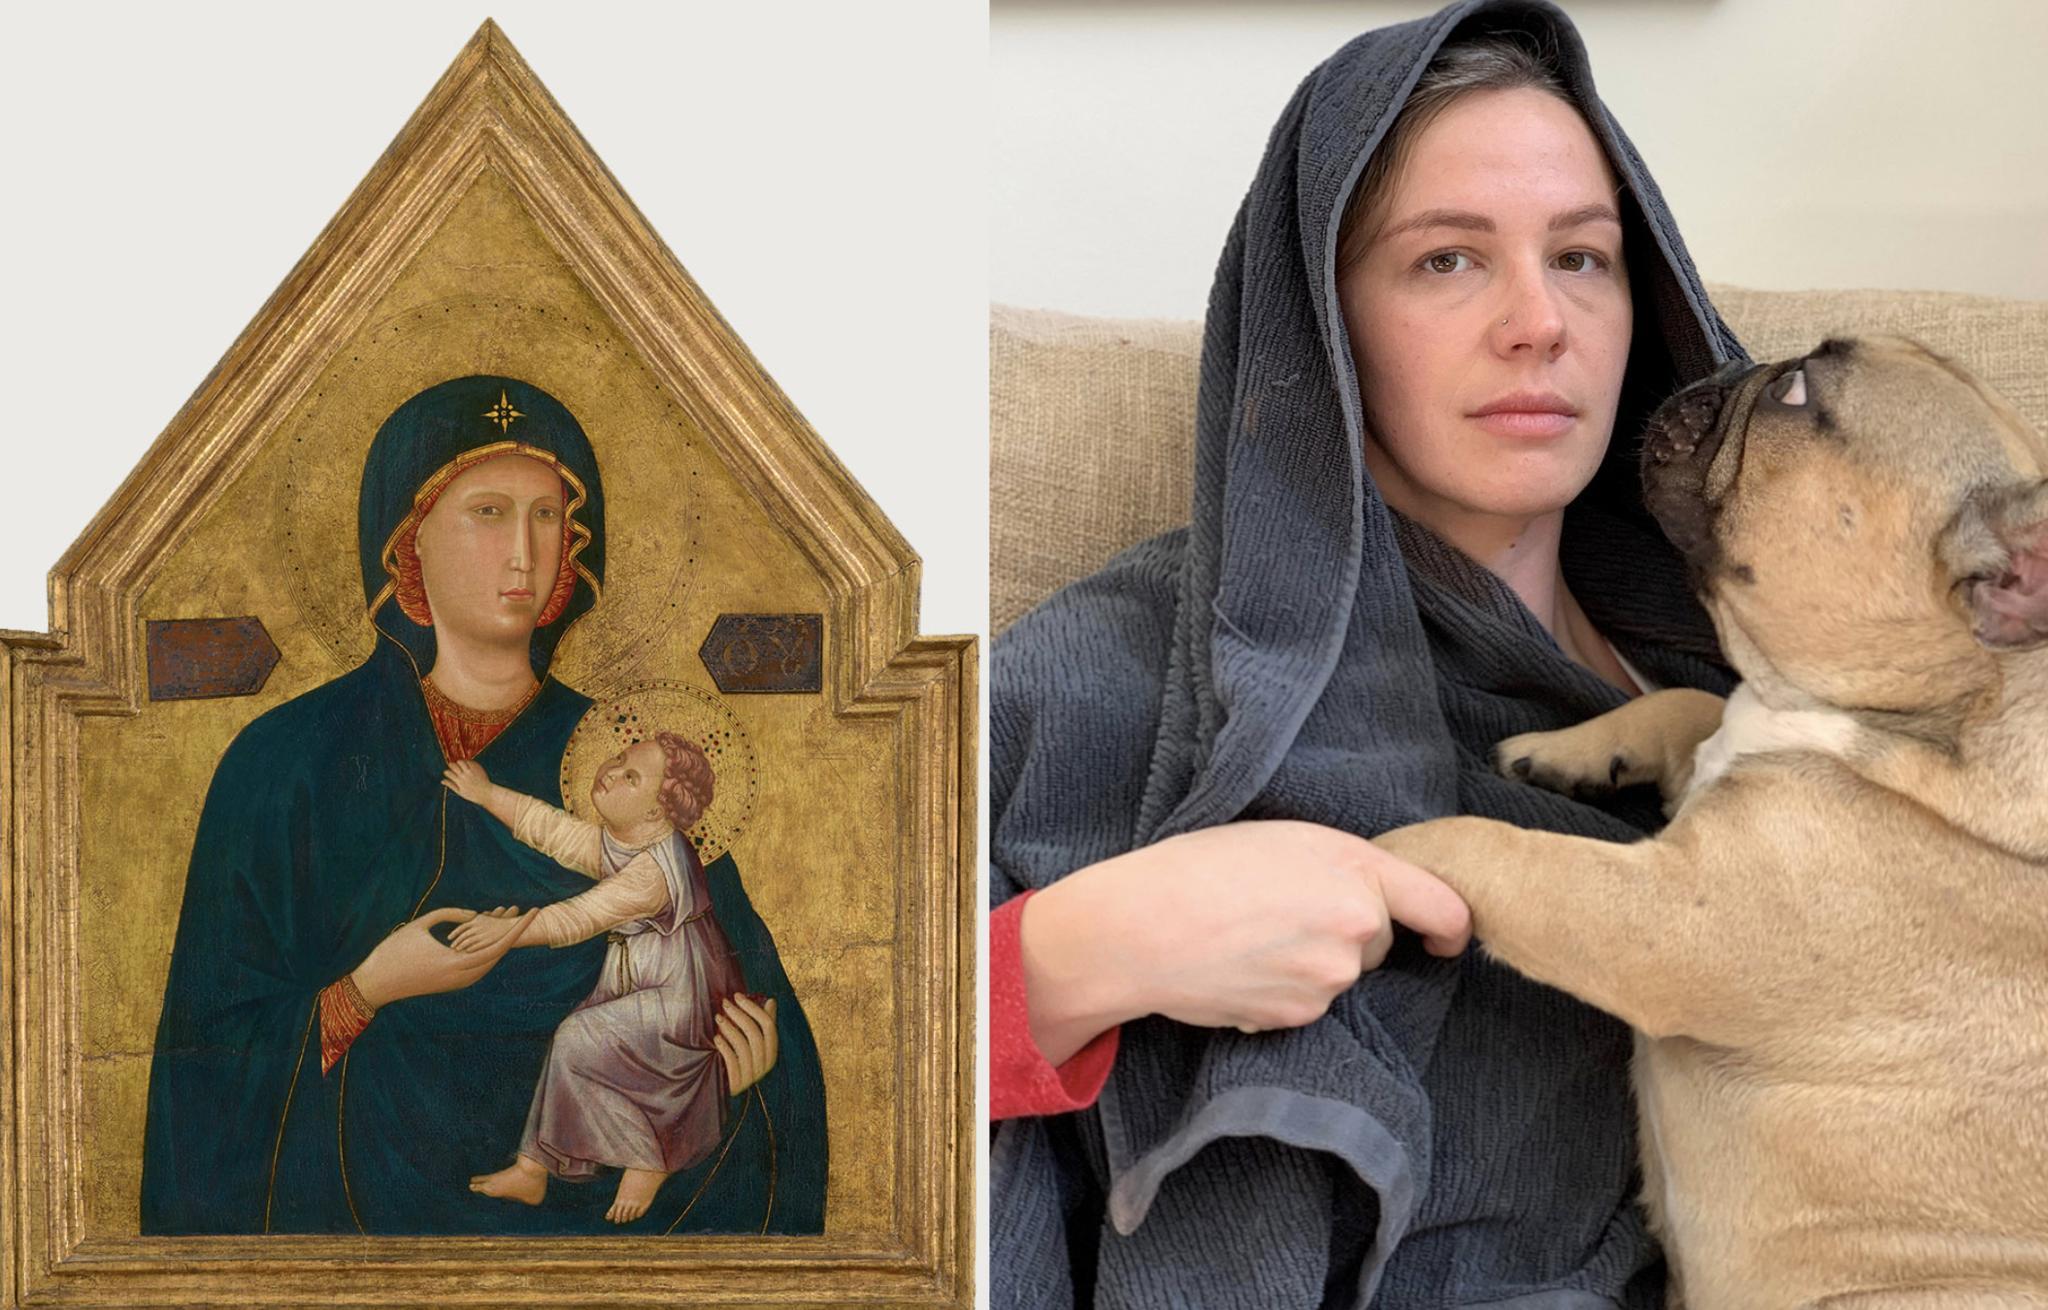 Reproduire Van Gogh ou Manet ? Le musée Guetty de Los Angeles lance ce défi aux internautes confinés